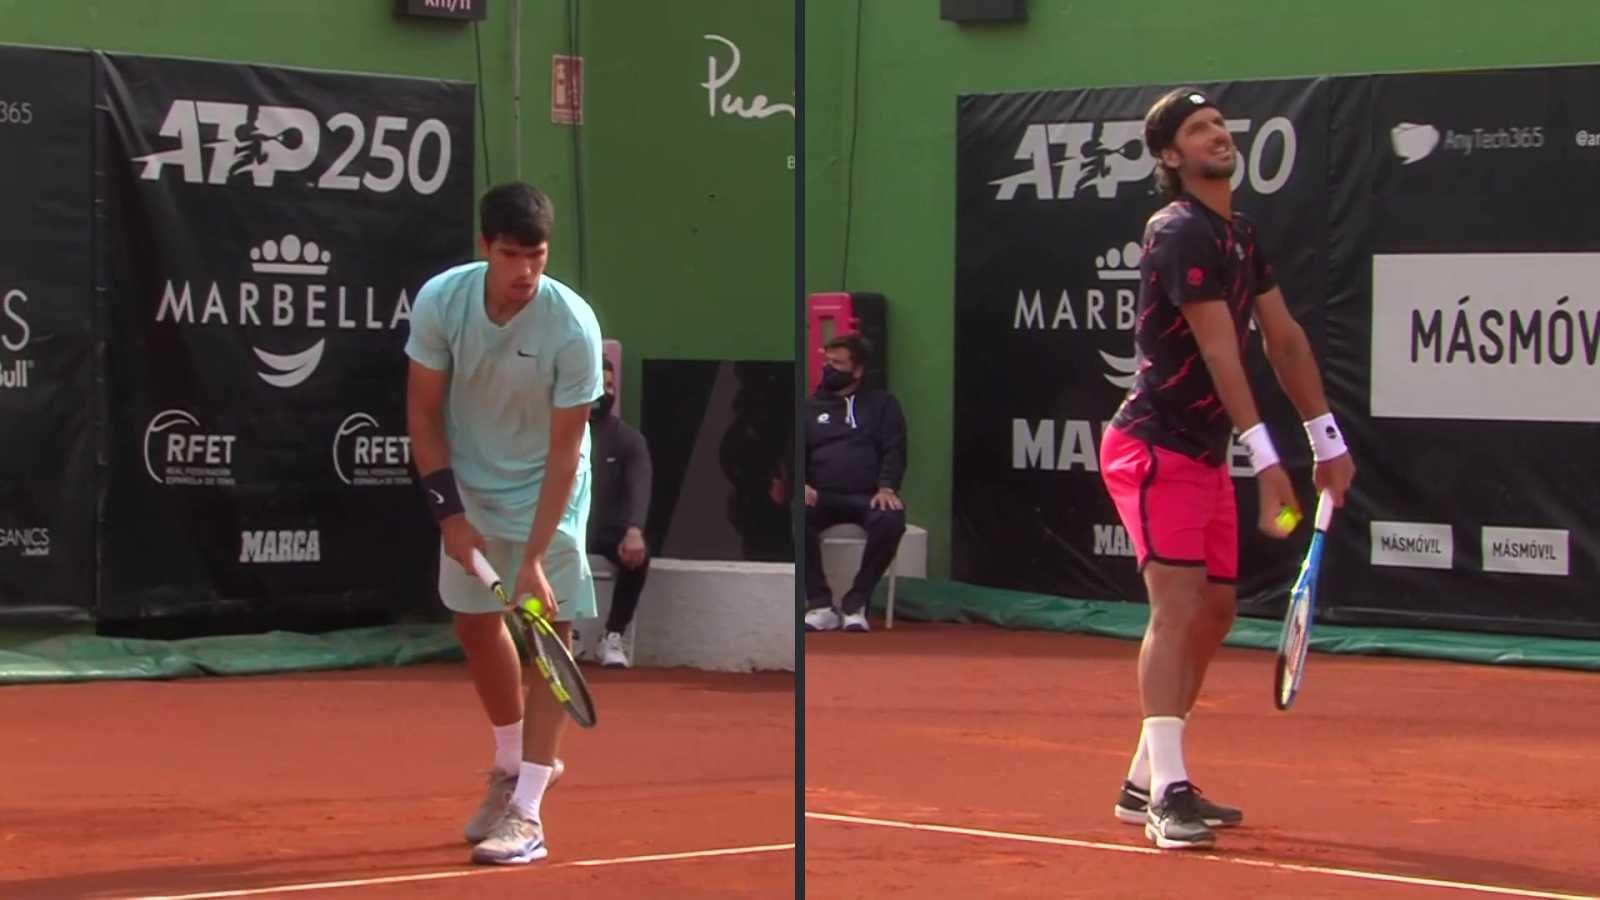 Tenis - ATP 250 Torneo Marbella: F. López - C. Alcaraz - ver ahora